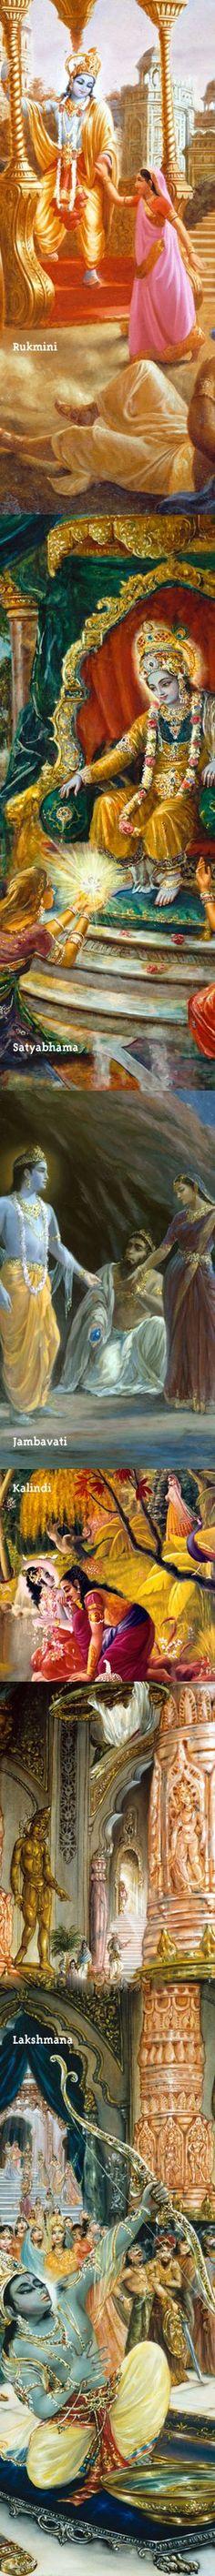 Wives of Lord Sri Krishna-http://www.krishnalilas.com/82-draupadi-meets-the-queens-of-krishna.htm